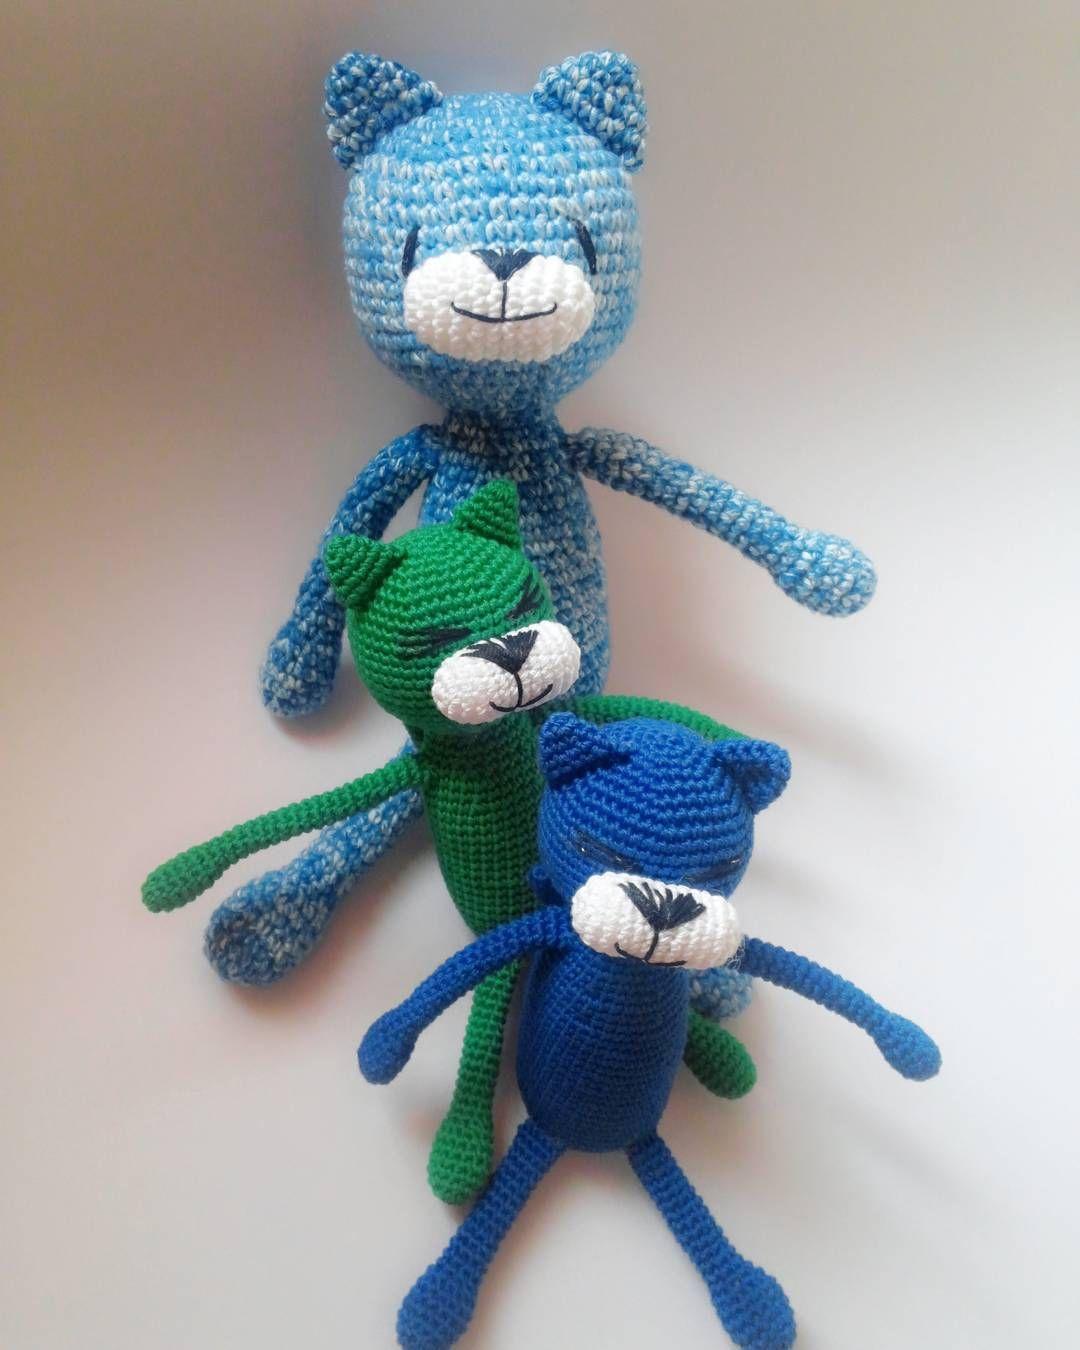 문어발인형 중 3개완성! #손뜨개 #뜨개질 #코바늘 #대바늘 #니팅 #크로쉐 #핸드메이드 #amigurumi #doll #crochet #knitting #handmade by yun_ddeu